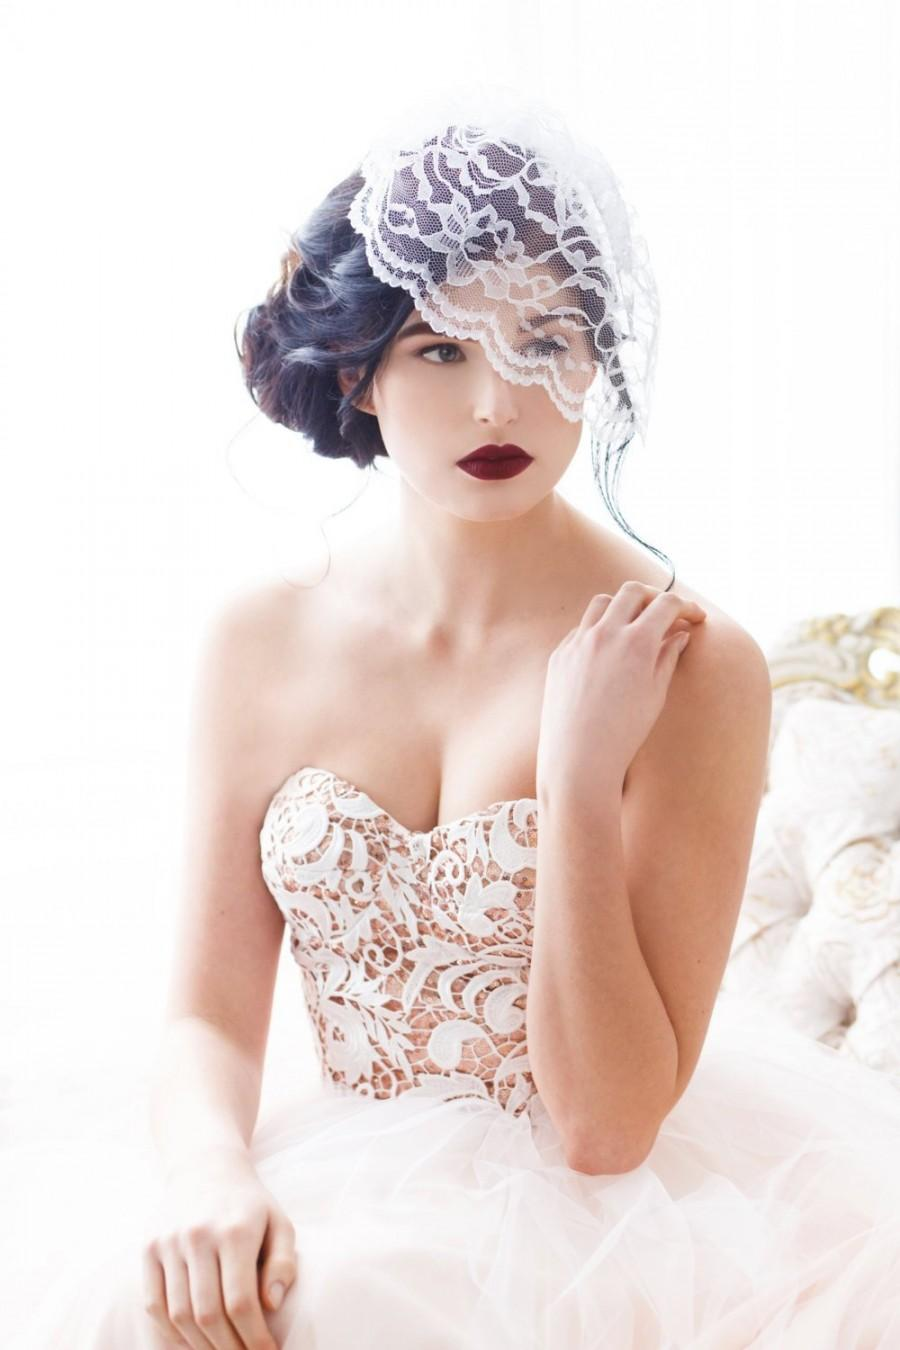 Свадьба - Lace Birdcage Veil, Birdcage Veil, Birdcage Bridal Veil, Birdcage Veil Lace, Illusion Lace Veil, Lace Blusher, White, Black MEGGIE